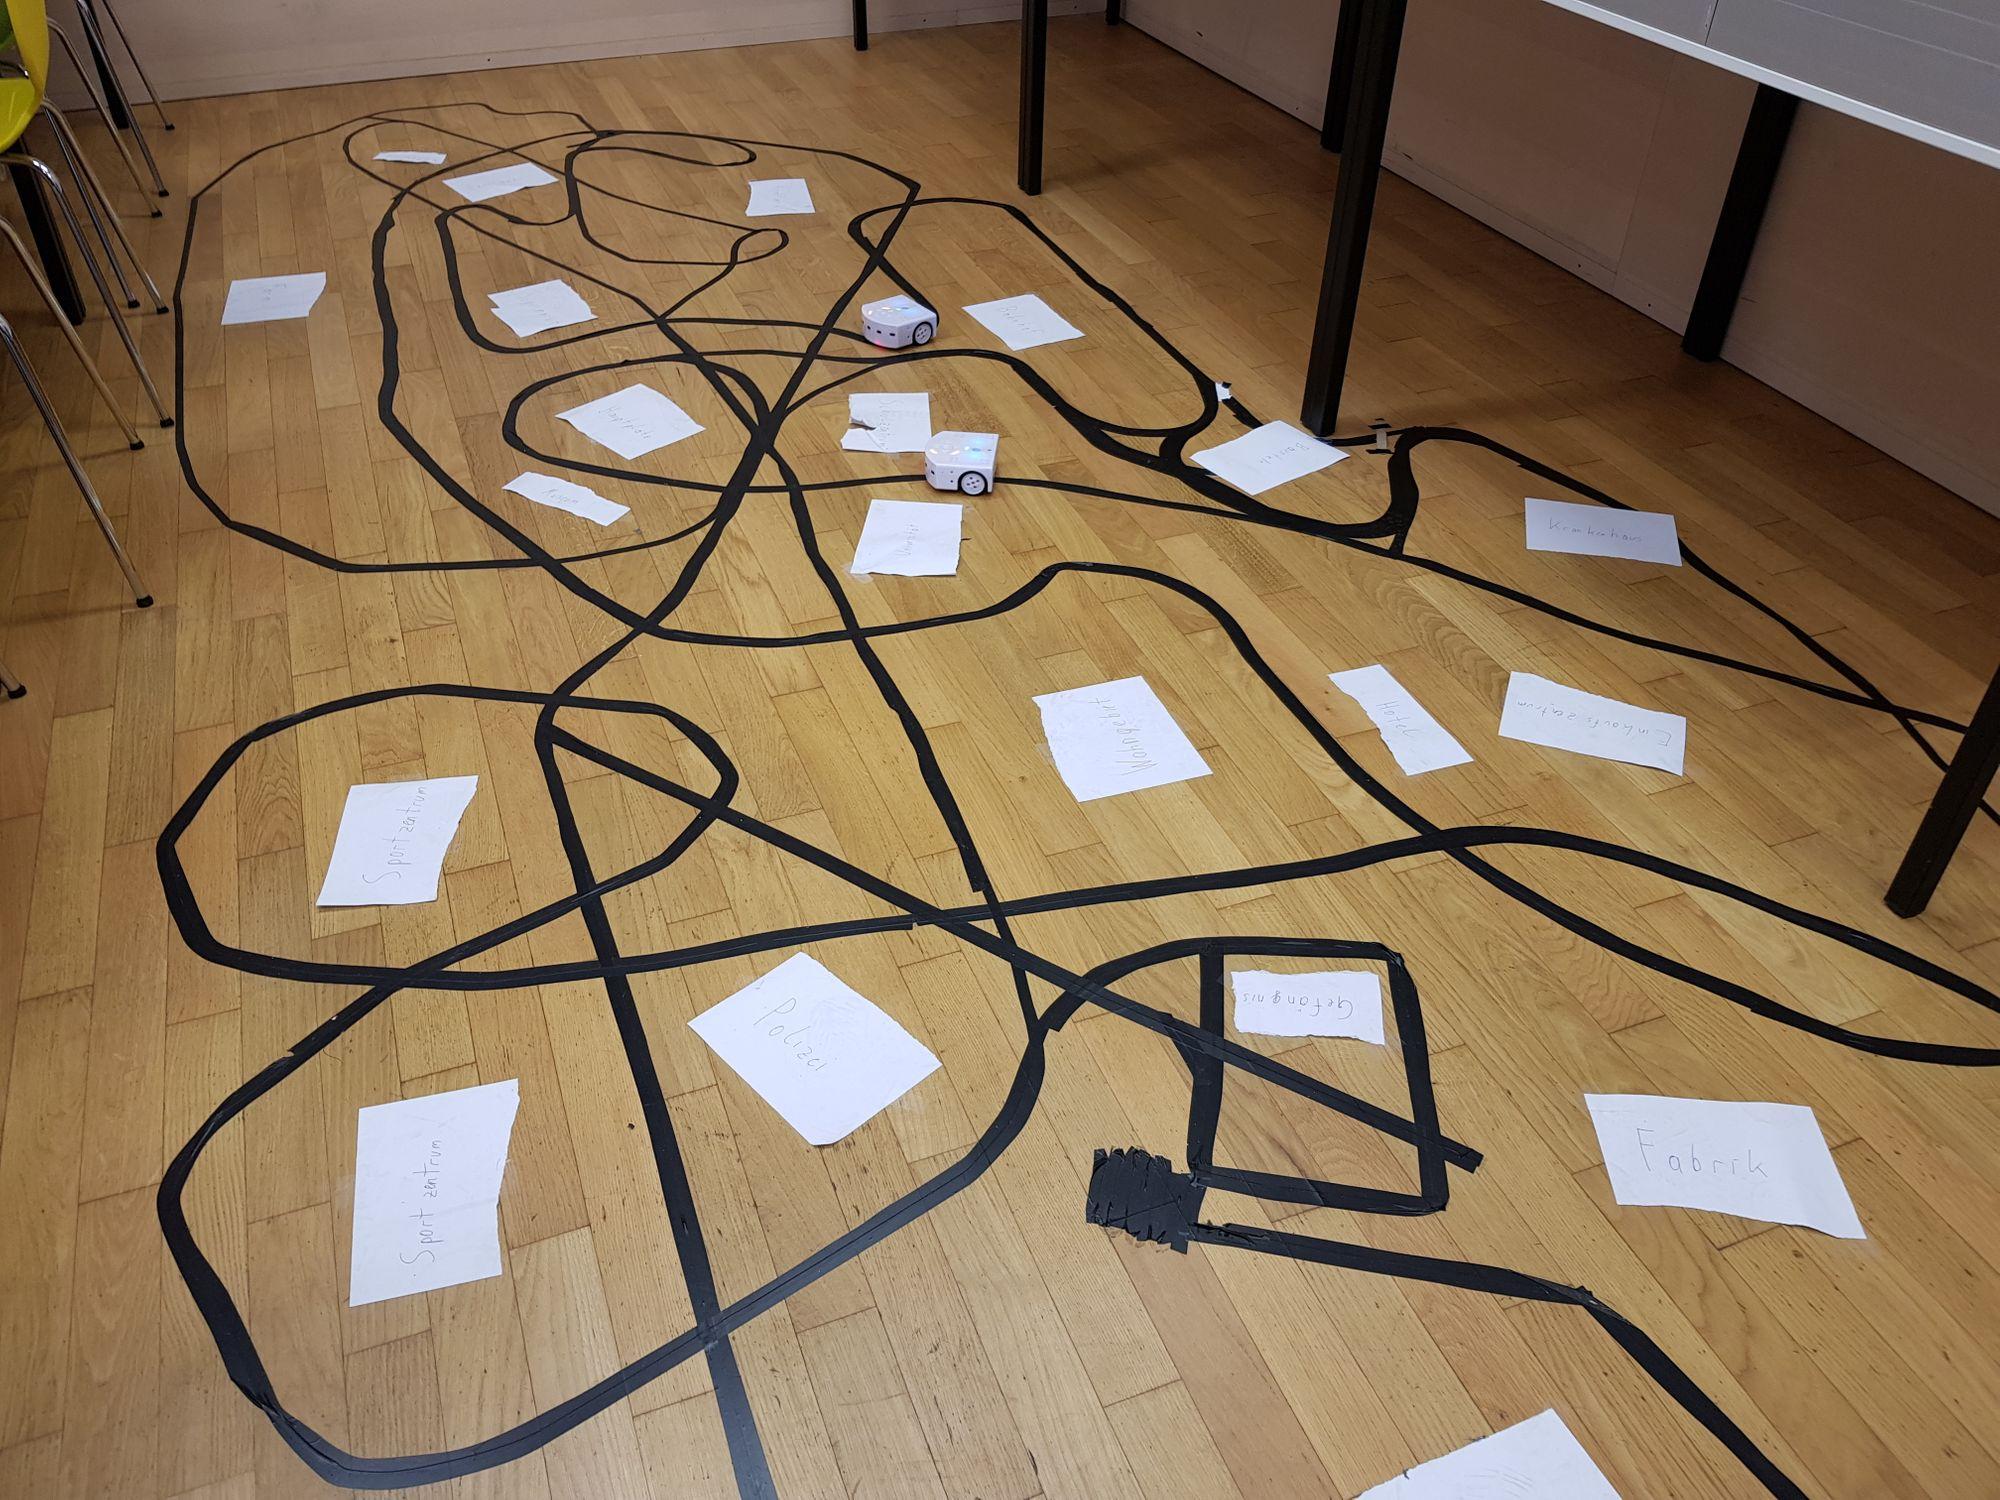 Mittels schwarzem Band geklebte Linien auf dem Boden, denen die Roboter folgen.